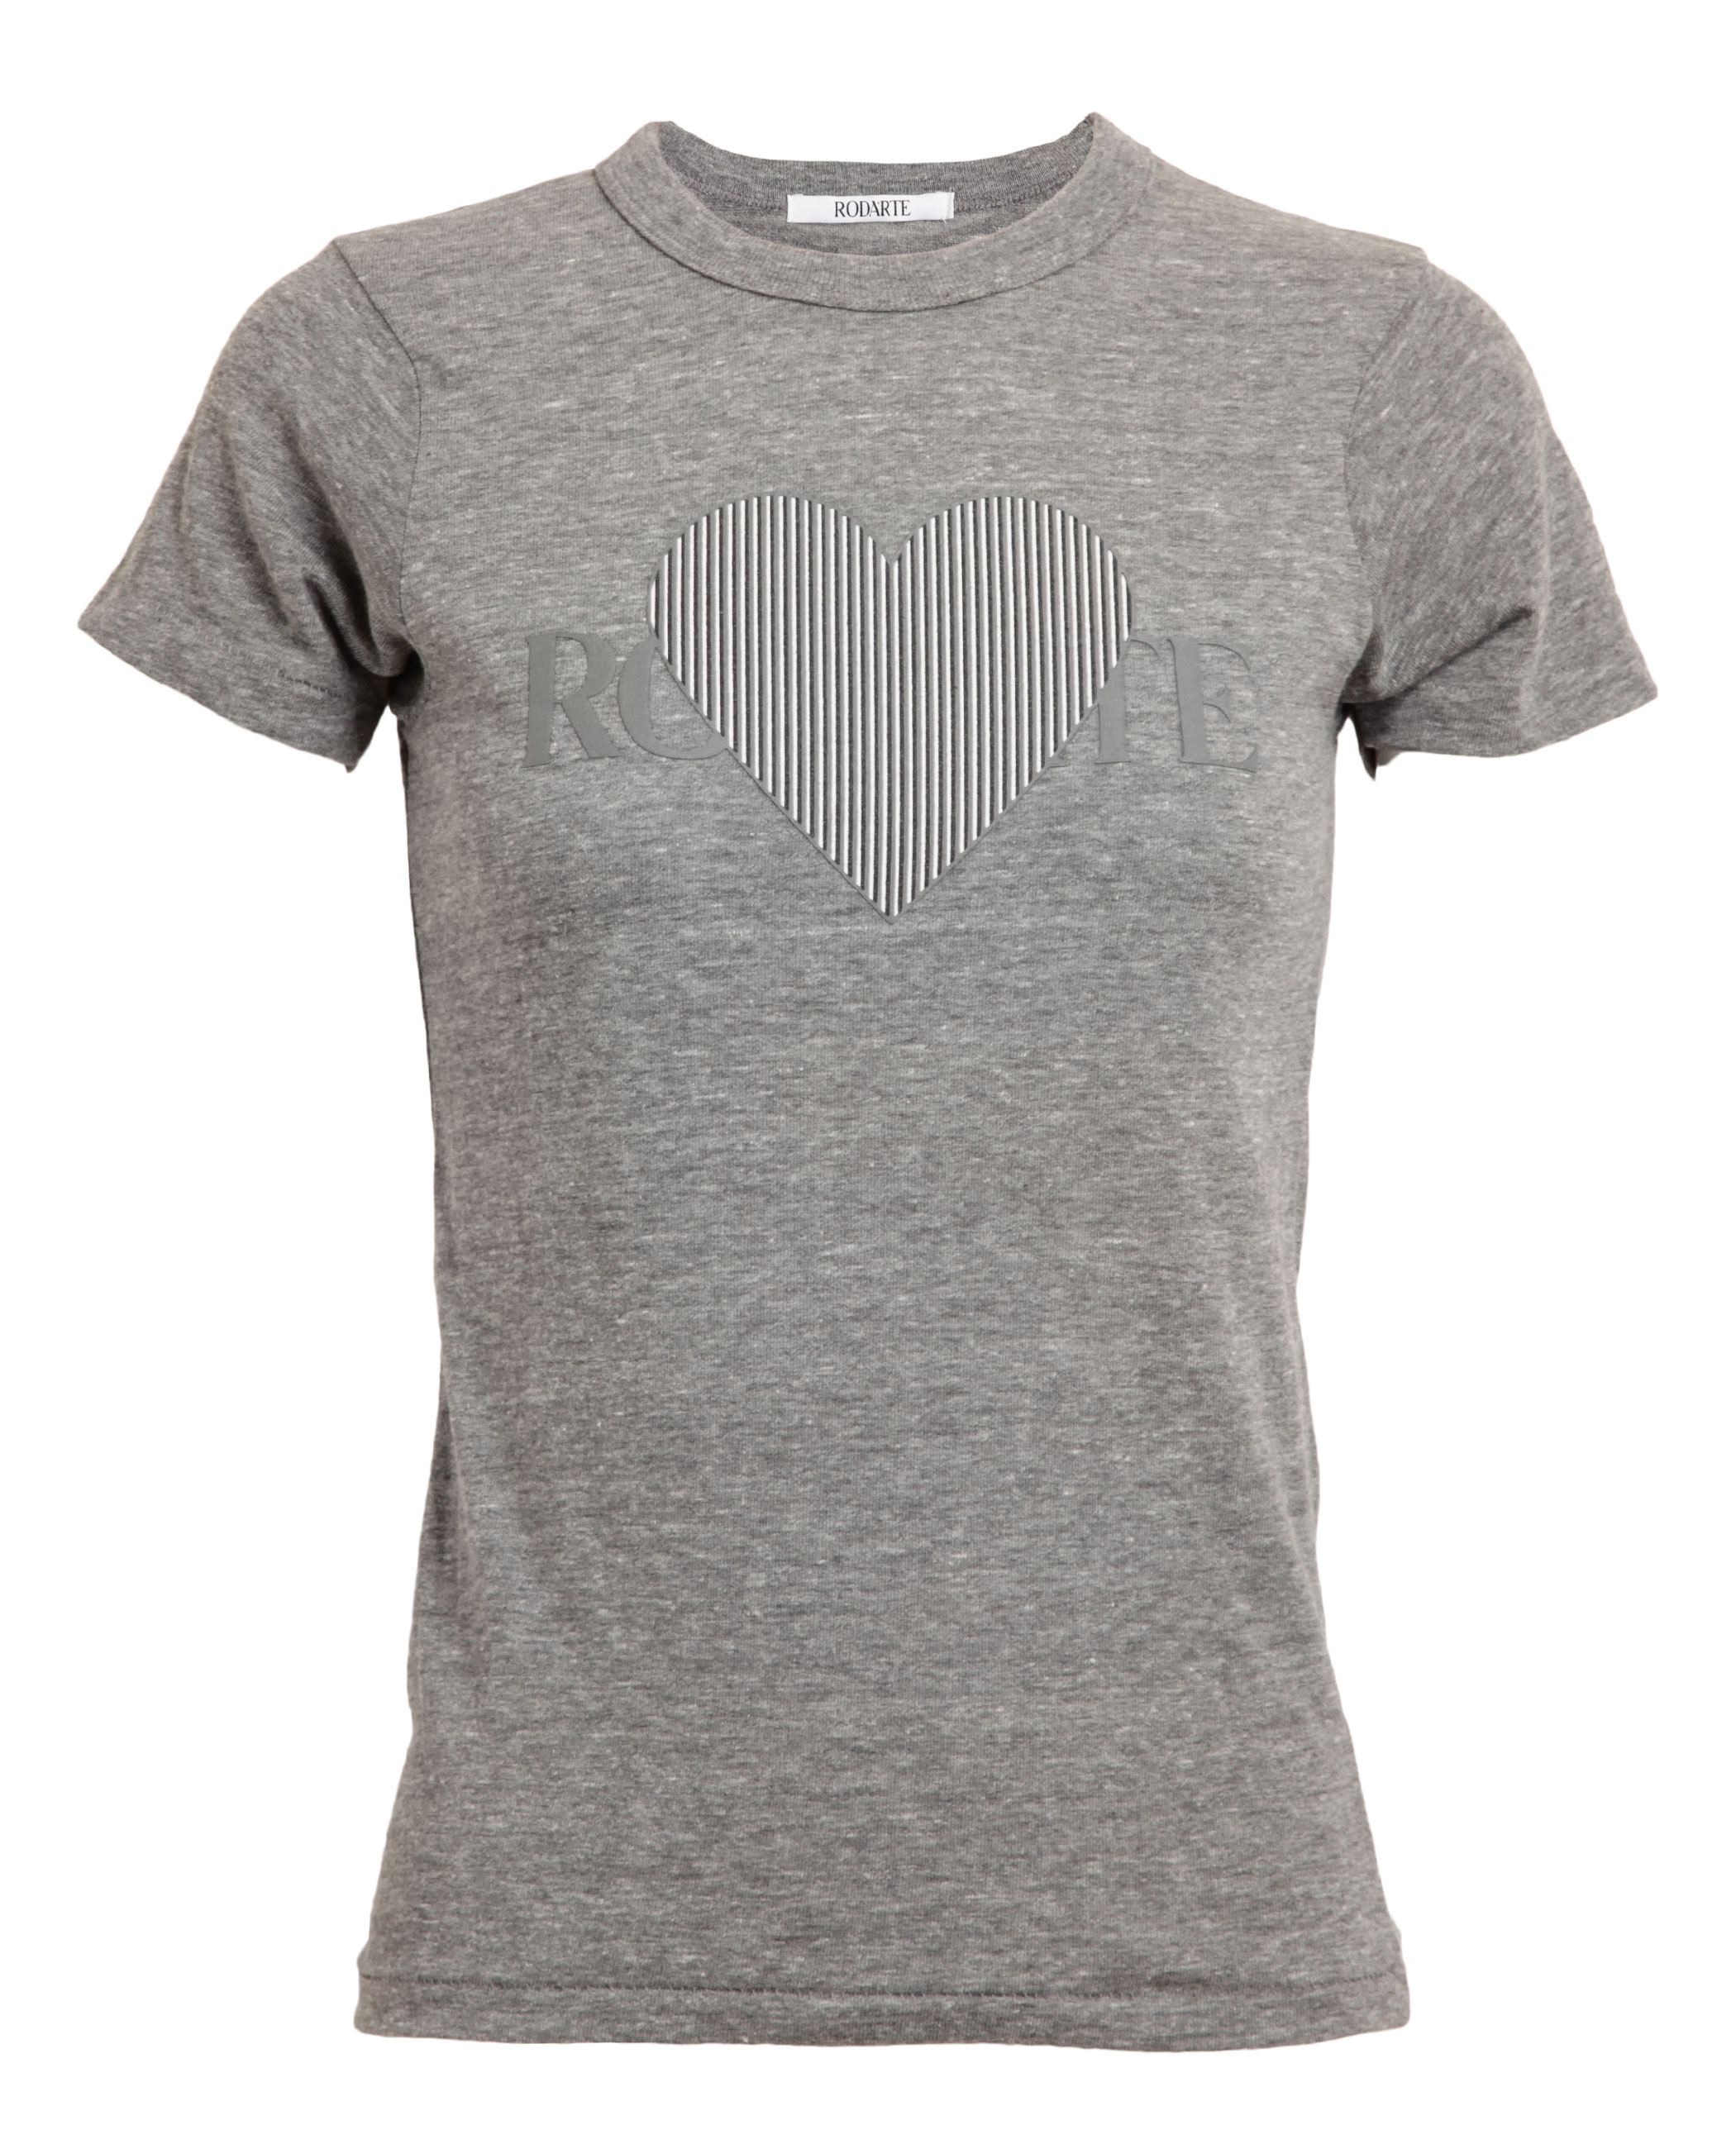 3D Heart Motif T-Shirt